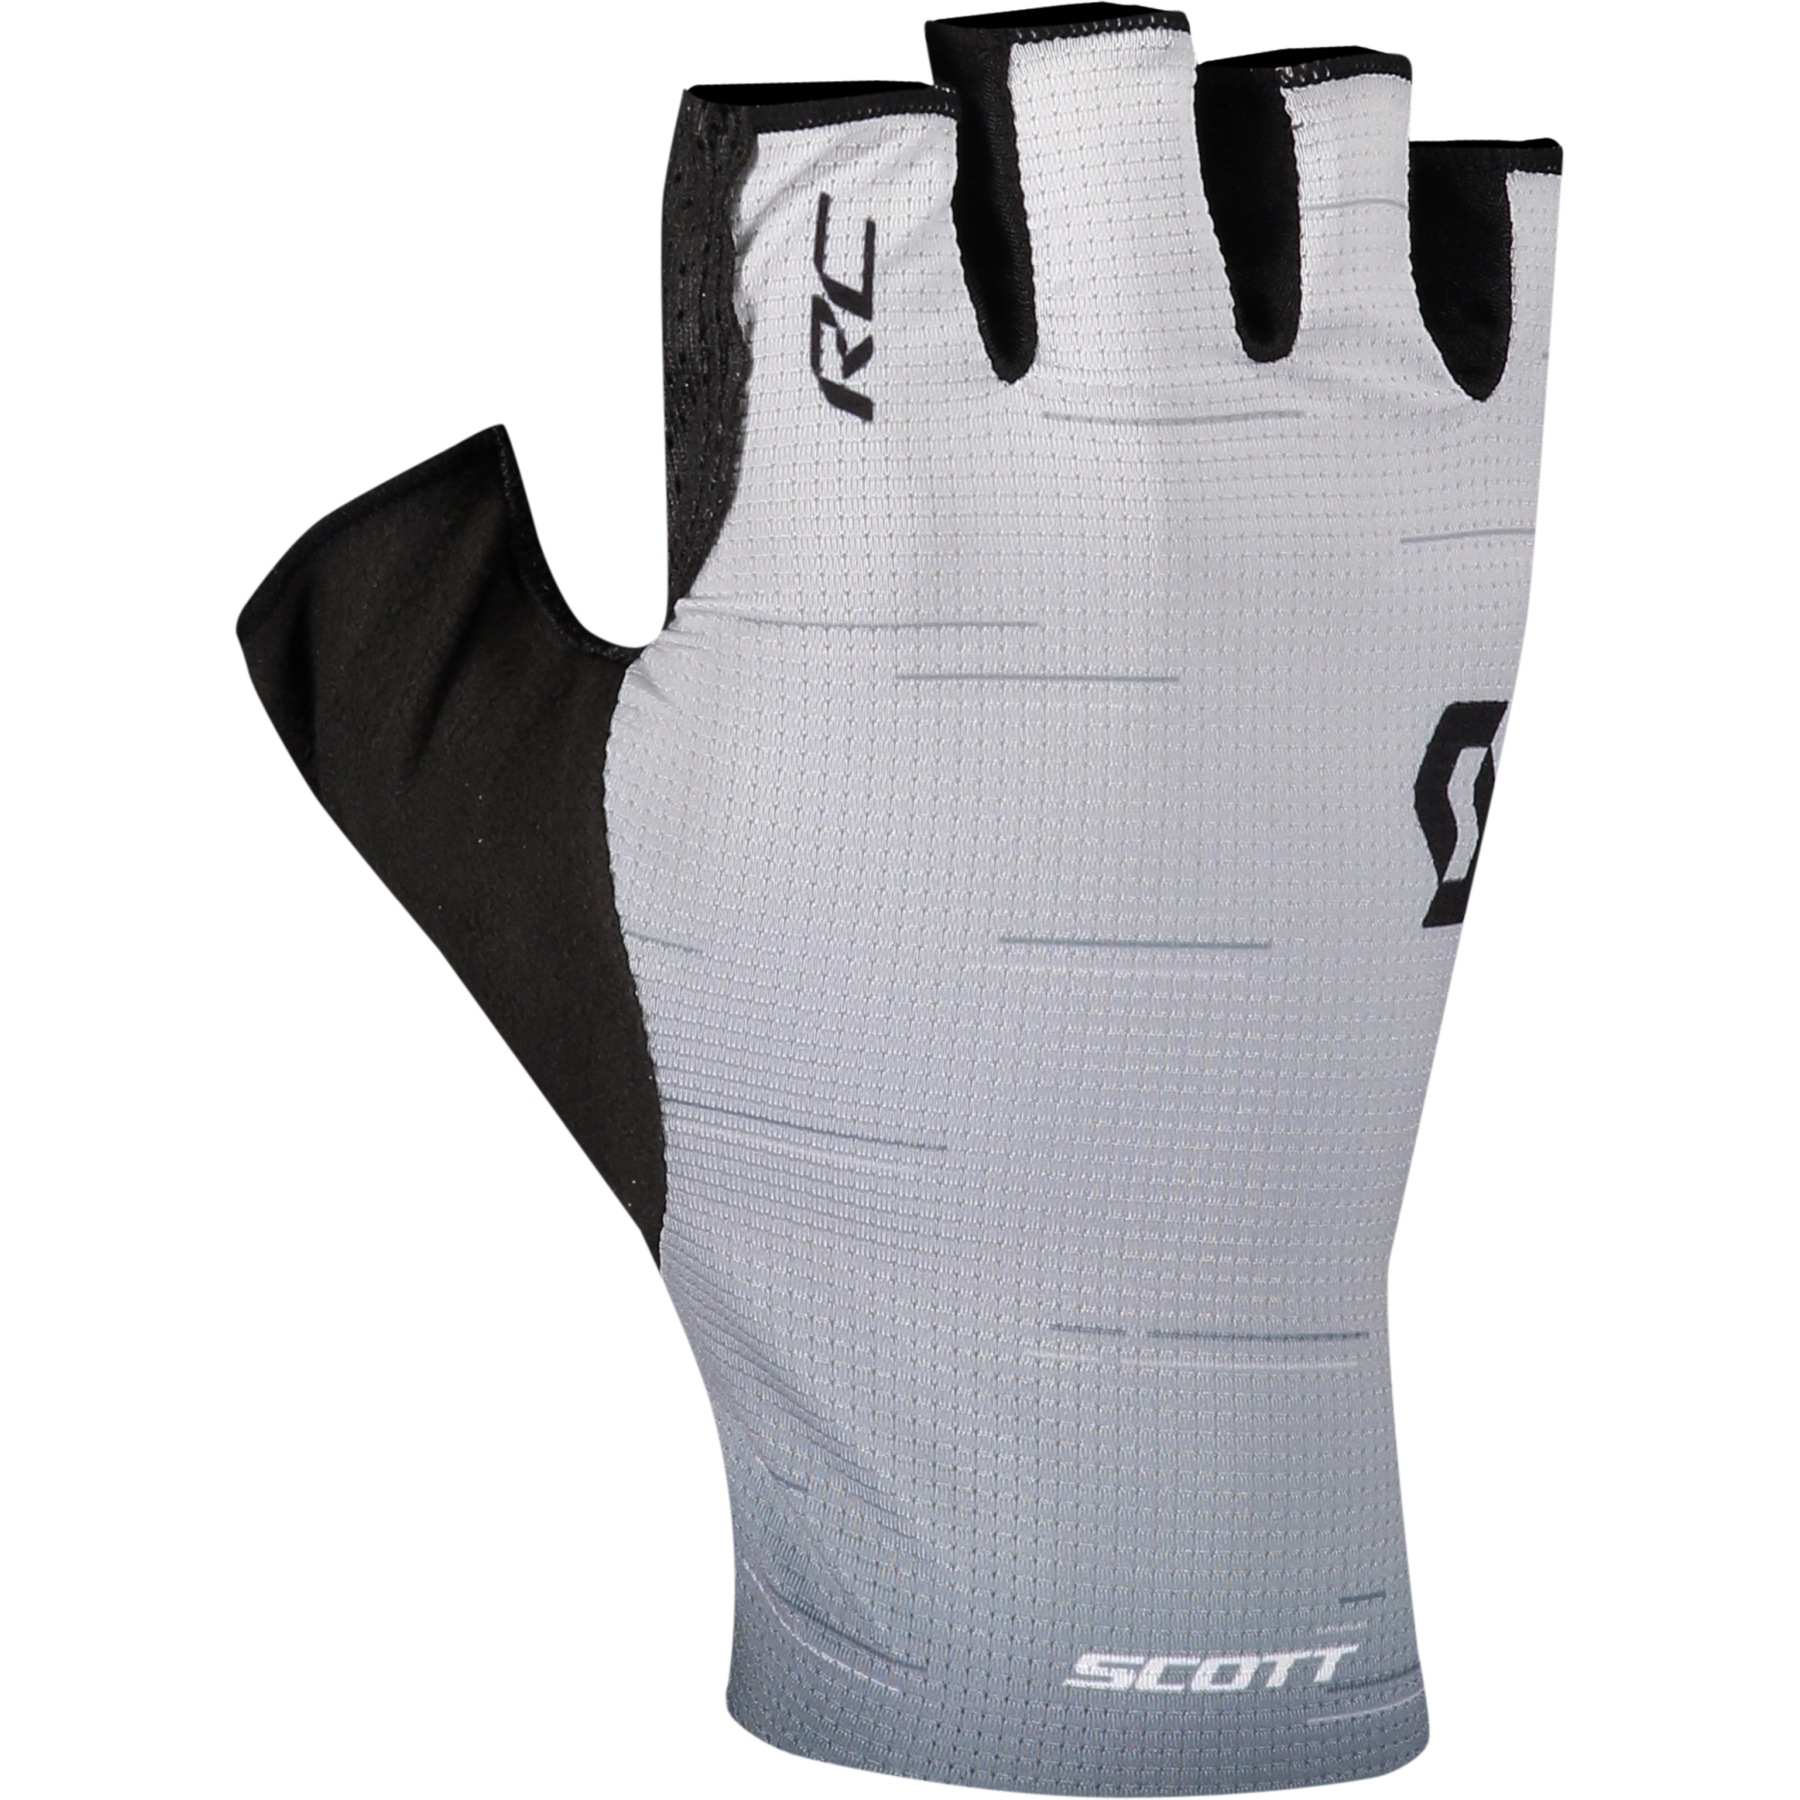 SCOTT RC Pro SF Gloves - white/black